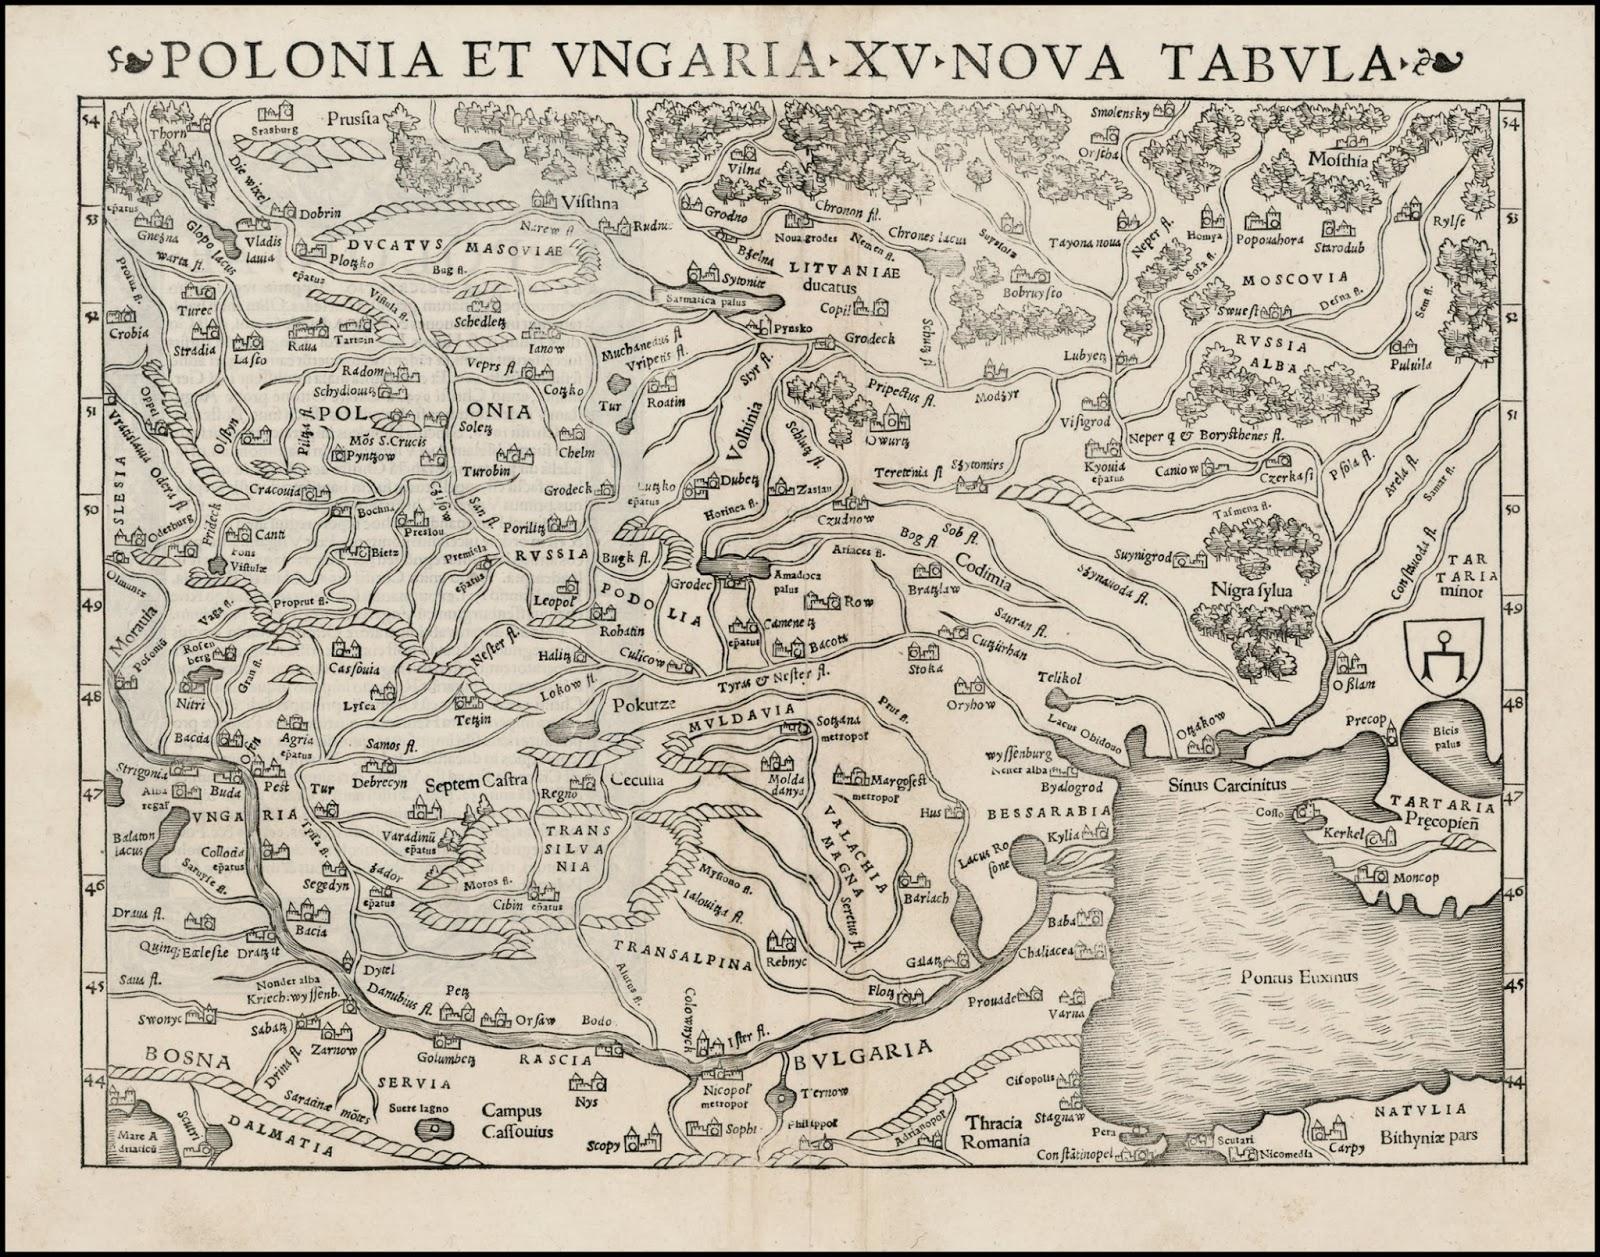 1550 POLONIA ET VNGARIA NOVA TABVLA